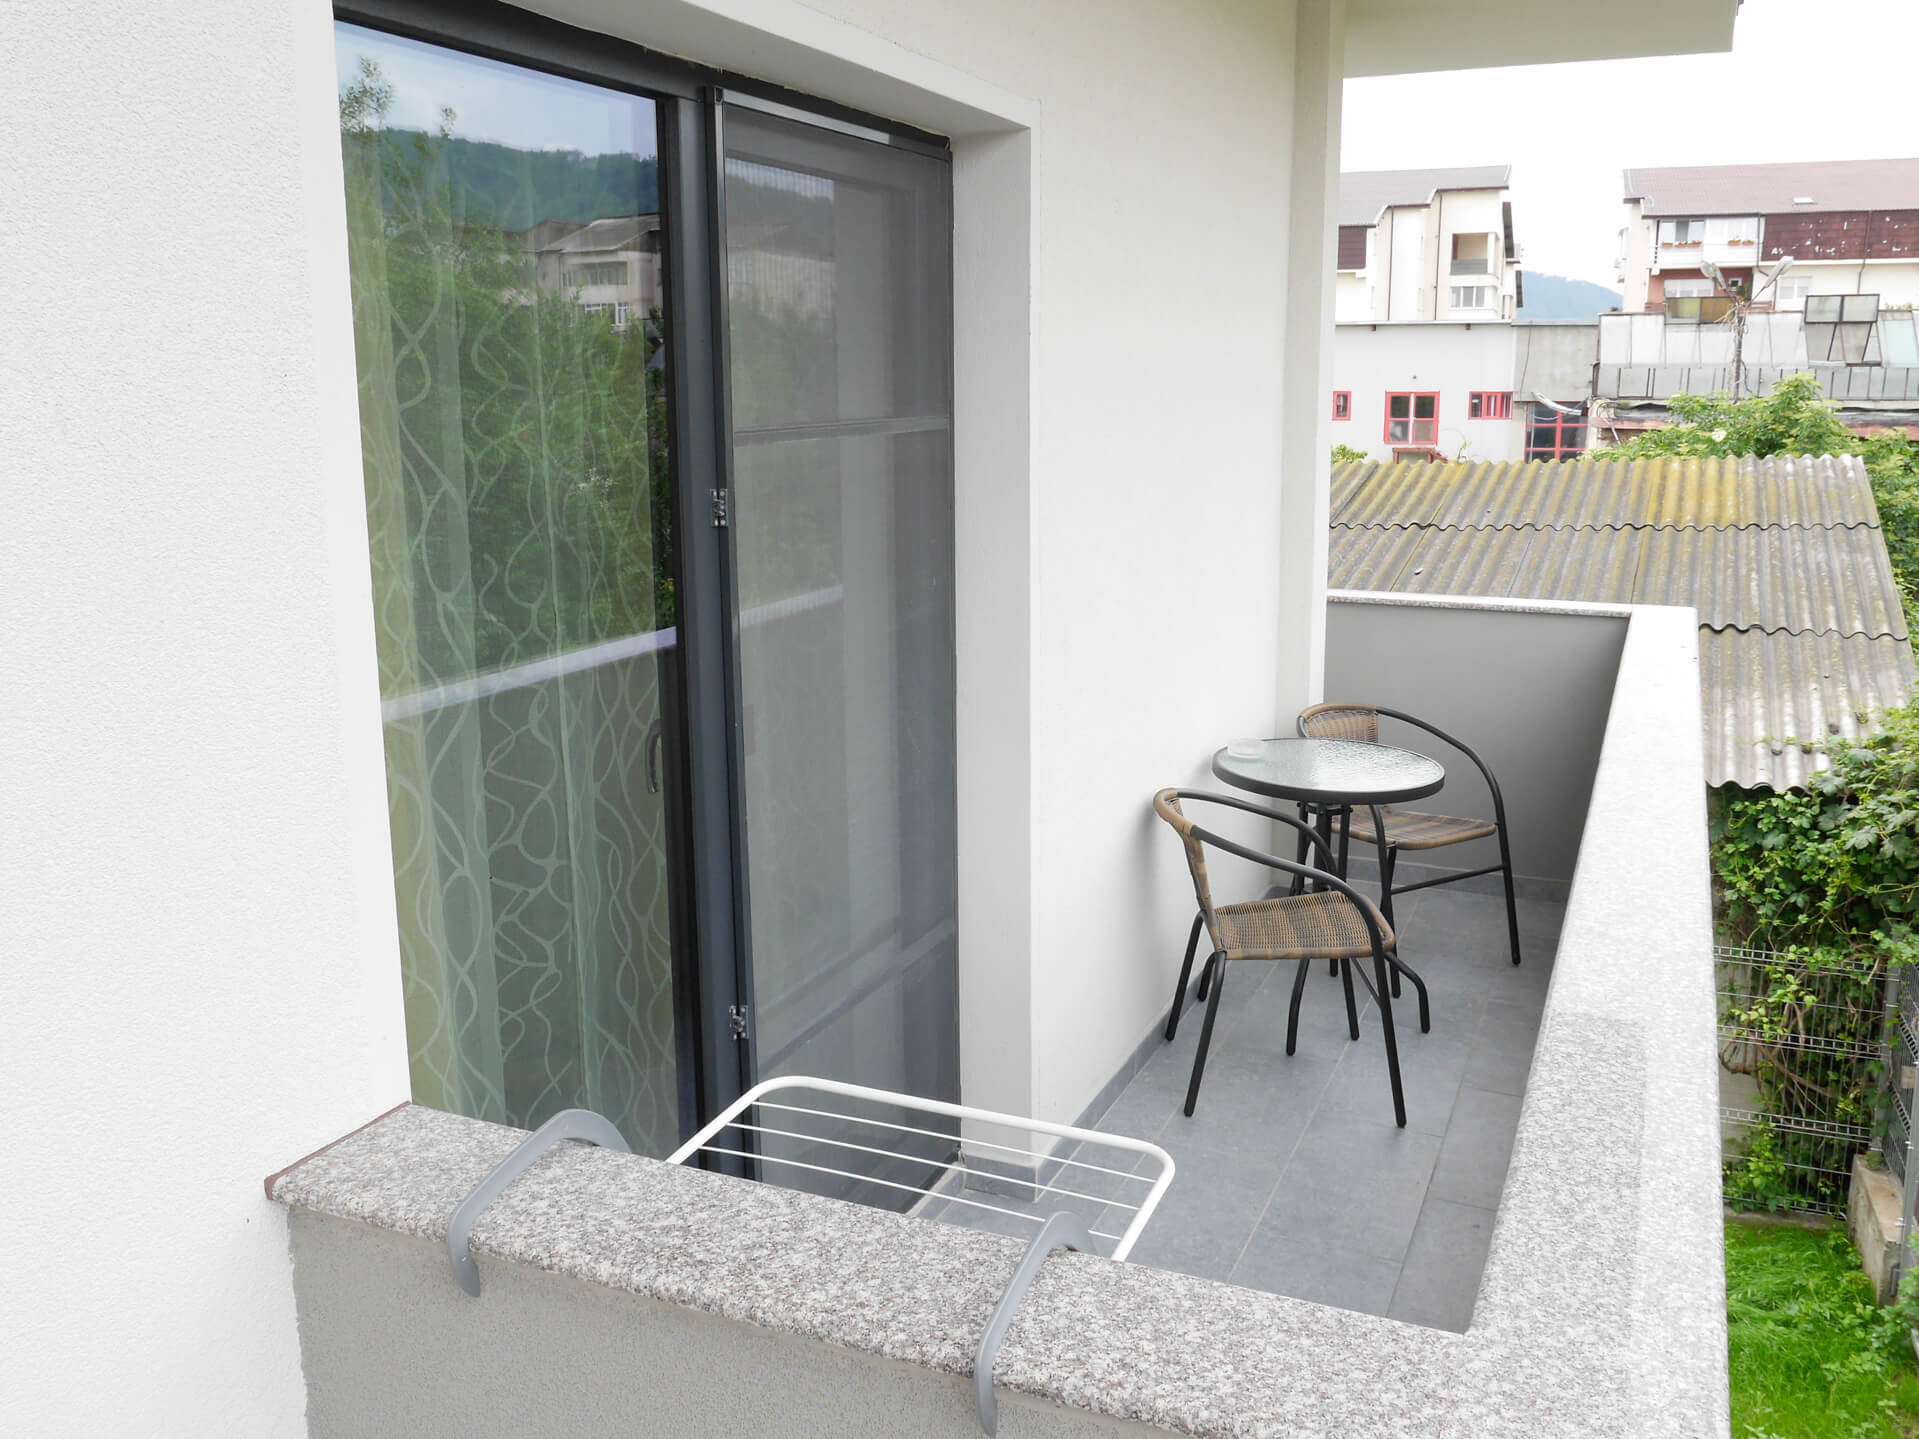 Clement Apartments - apartamente de inchiriat in regim hotelier - cazare neamt - cazare piatra neamt - apartament 6 (2)